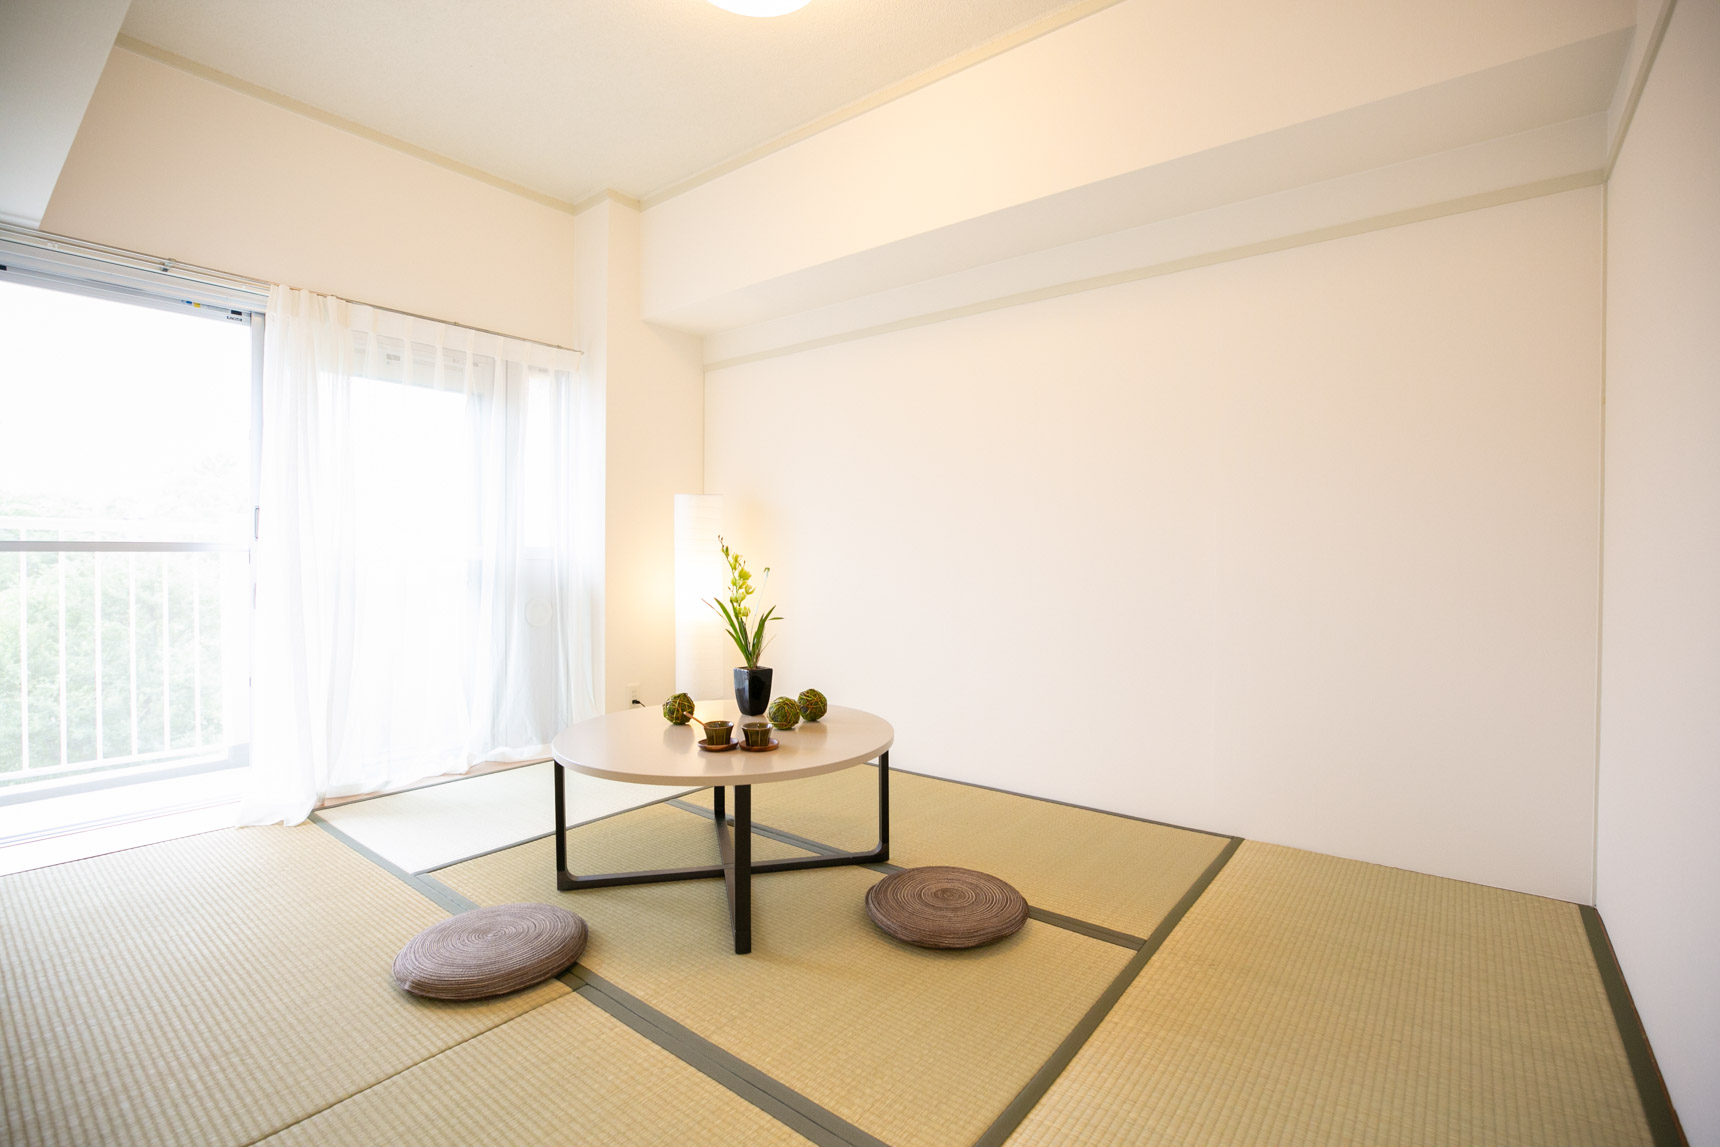 もう1部屋は和室。畳のお部屋って、小さな子どもが遊んだり、来客があったりした時にも使いやすいんですよね。